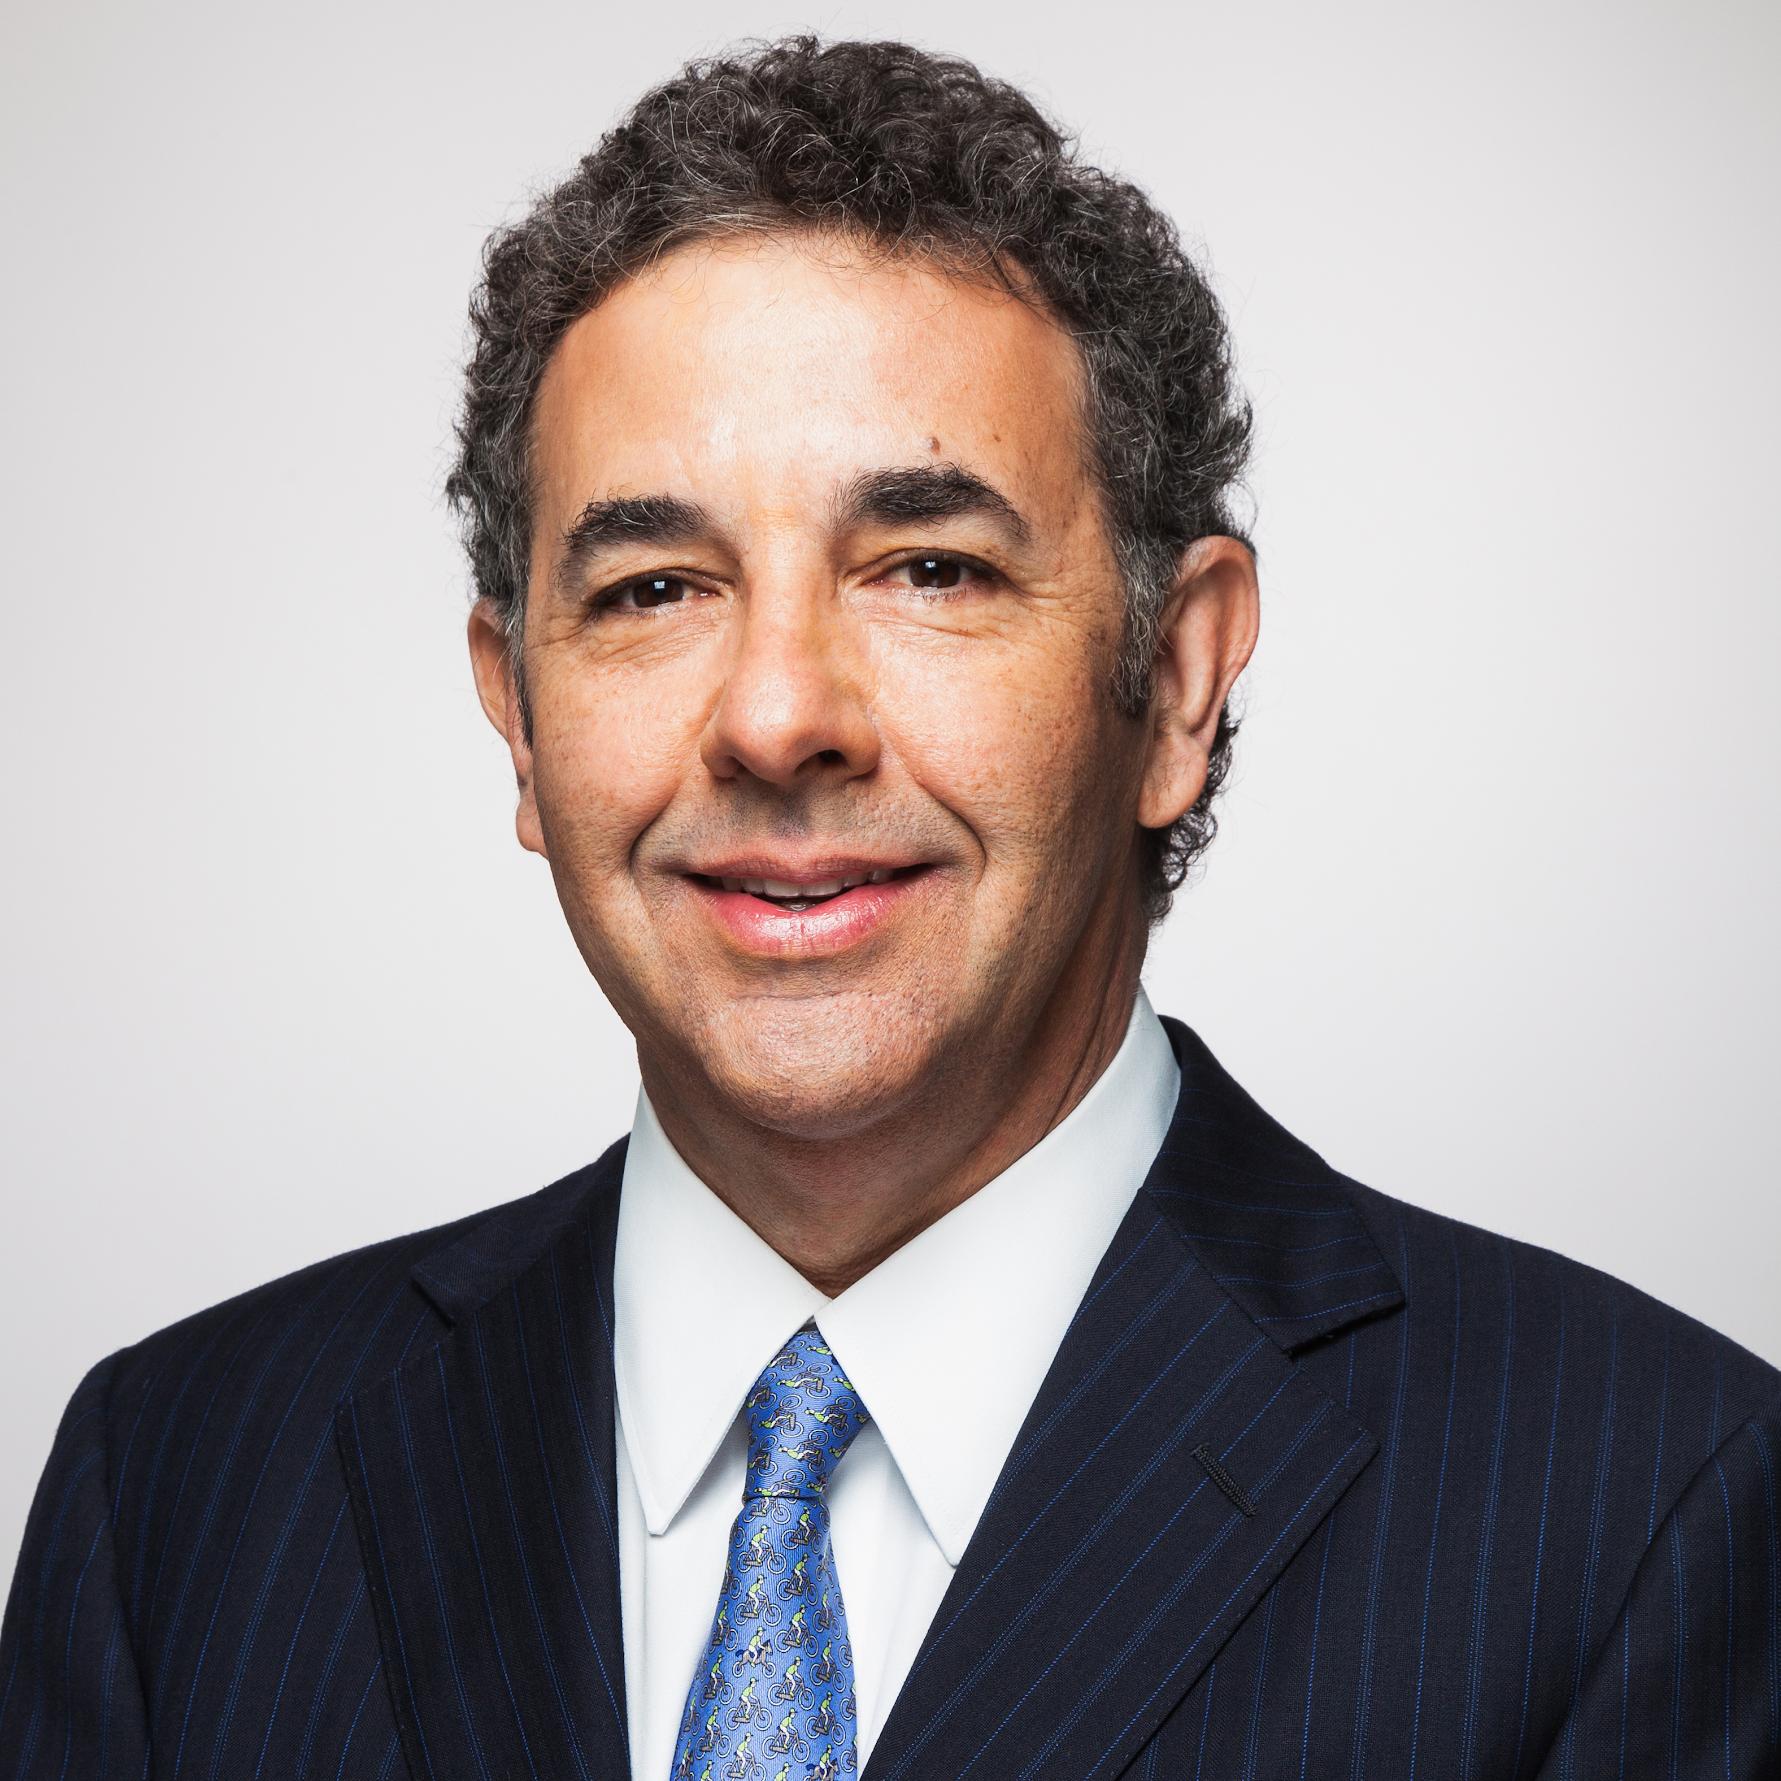 James Cassel, chairman of Cassel Salpeter & Co